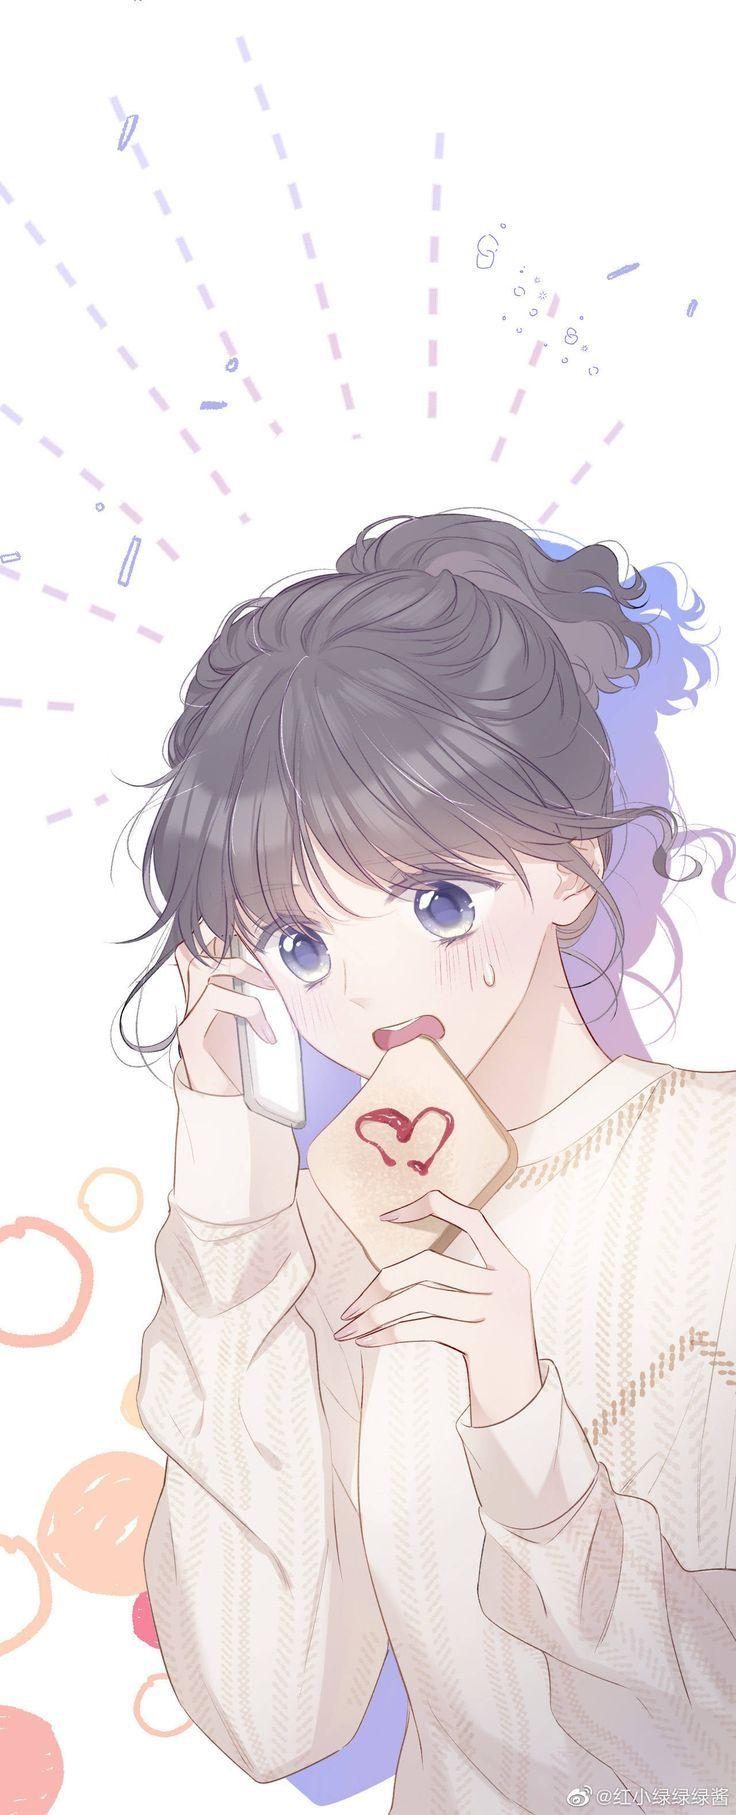 Ghim của Orrawinnana trên 保护我方大大 [bảo vệ siêu sao của tôi] | Anime angel, Nhật ký nghệ thuật, Anime